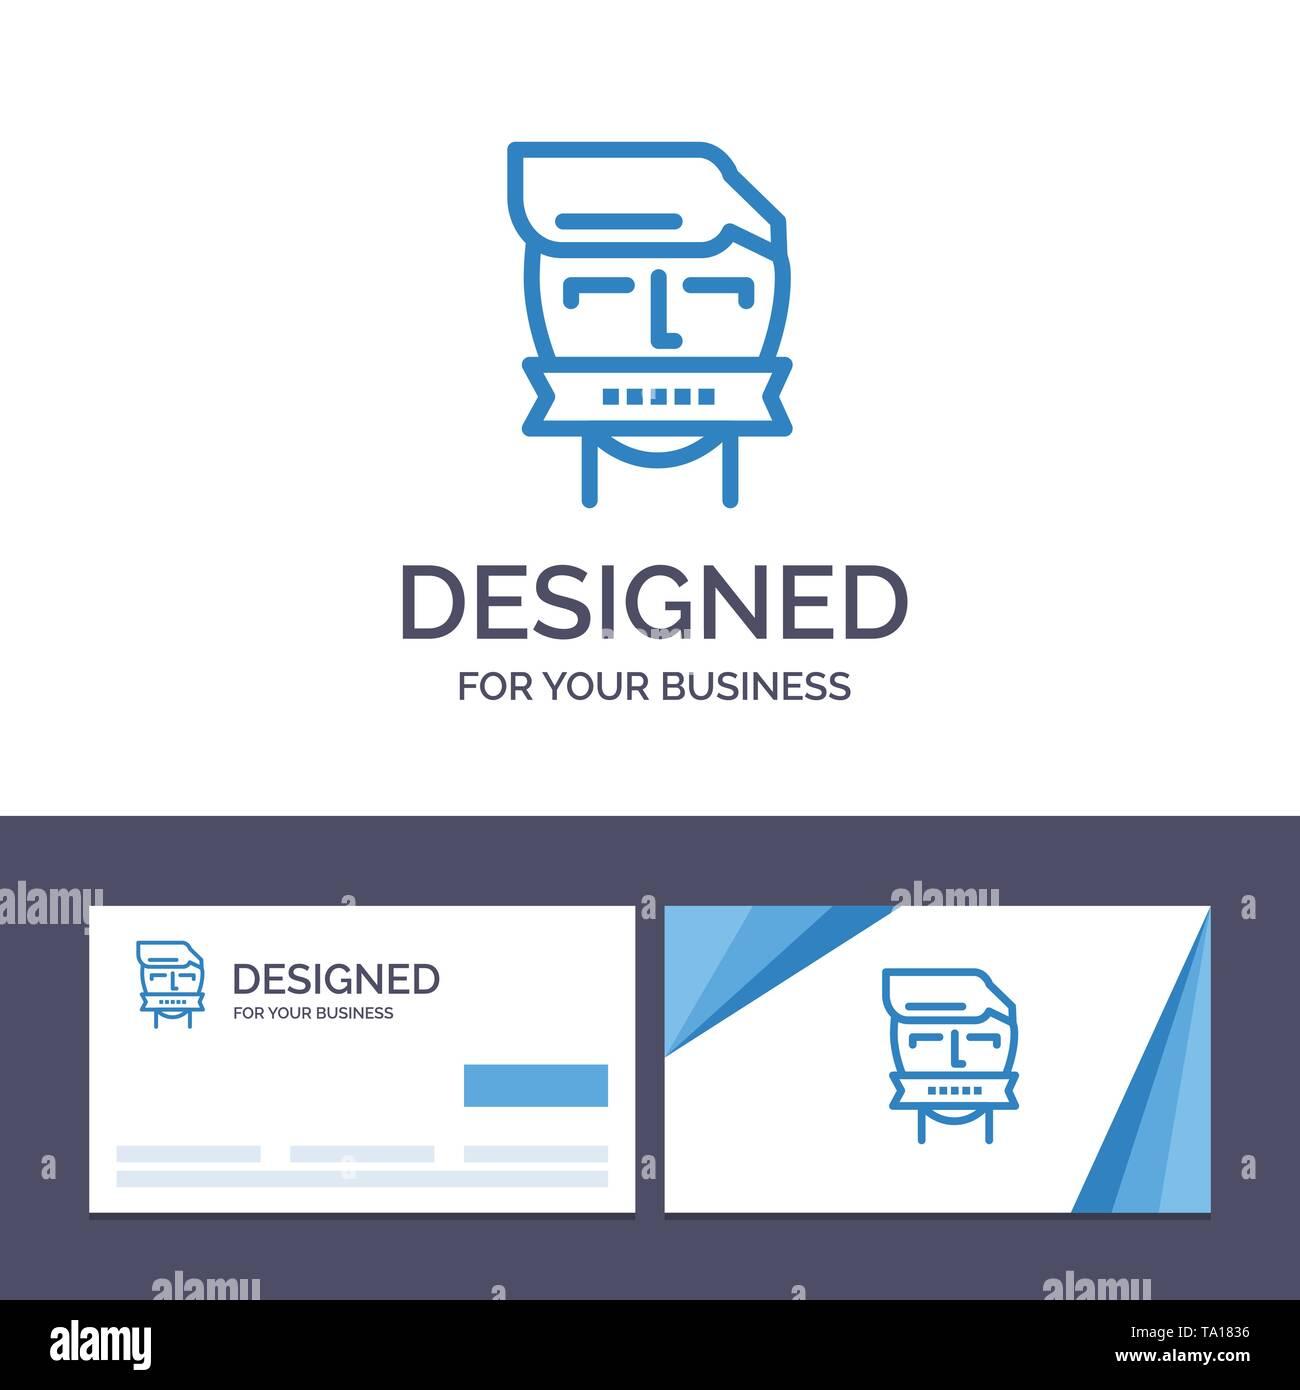 Creative Business Card und Logo Vorlage Geisel, Mund, Gegner, Geschlossen, Terrorismus Vector Illustration Stockbild